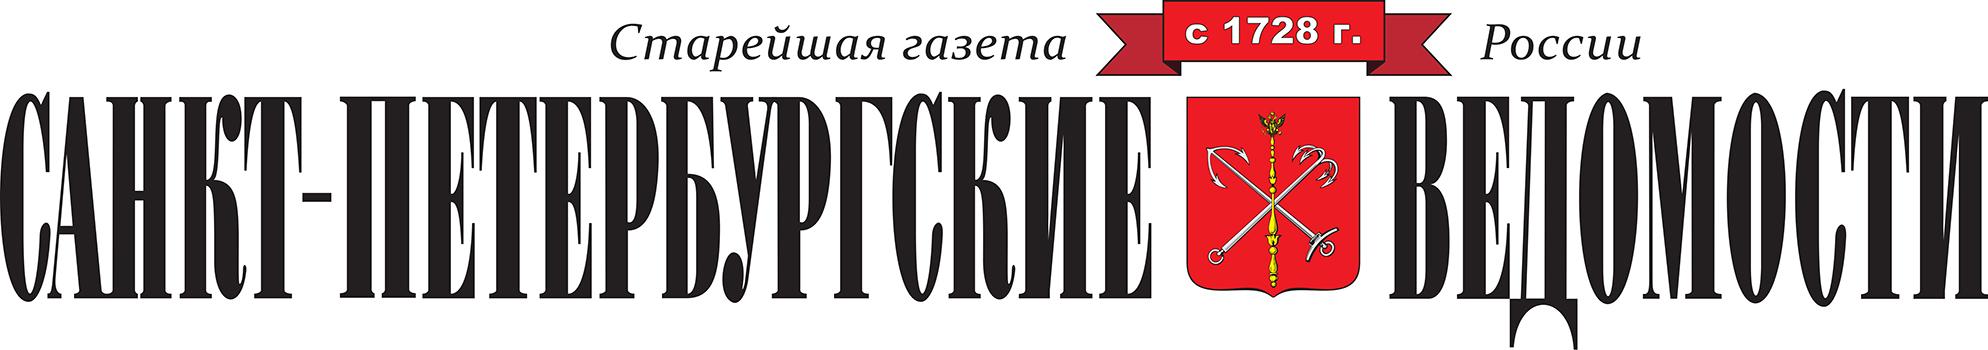 Перезапуск Кузнечного